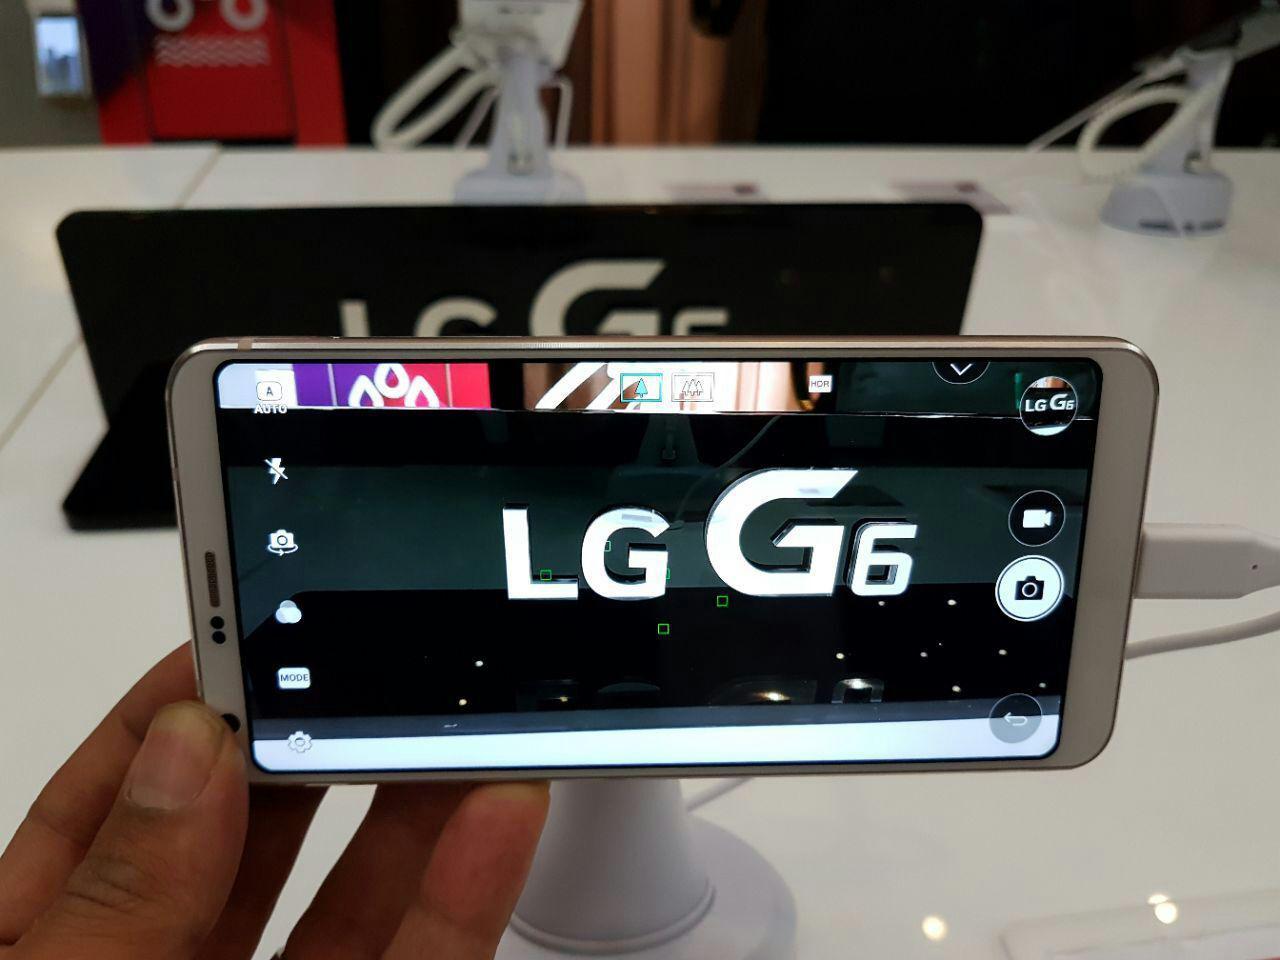 ال جی G6 موبایل پرچمدار جدید شرکت ال جی رسمی و با قمیتی بالا معرفی و وارد بازار ایران شده است. ال جی G6 یک تلفن بالارده و محصول برتر این شرکت محسوب میشود.